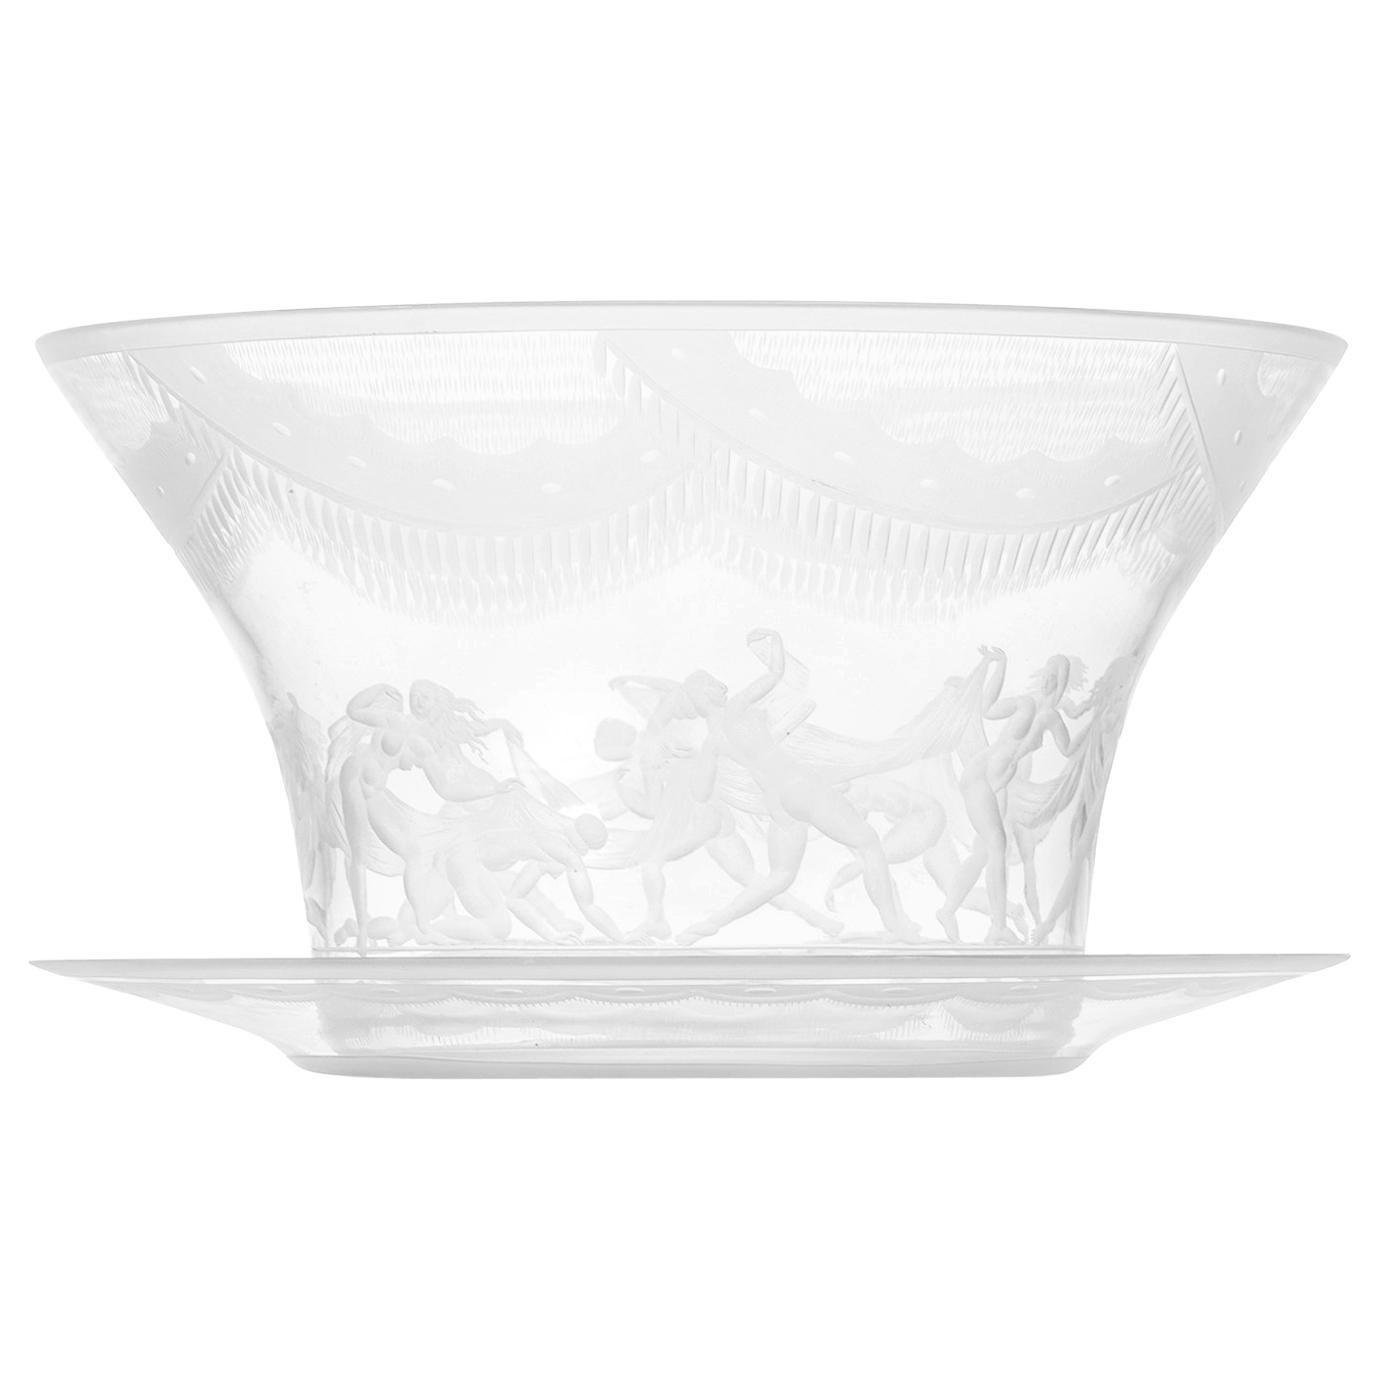 Simon Gate Glass Vase Model Slöjdansen Produced by Orrefors in Sweden